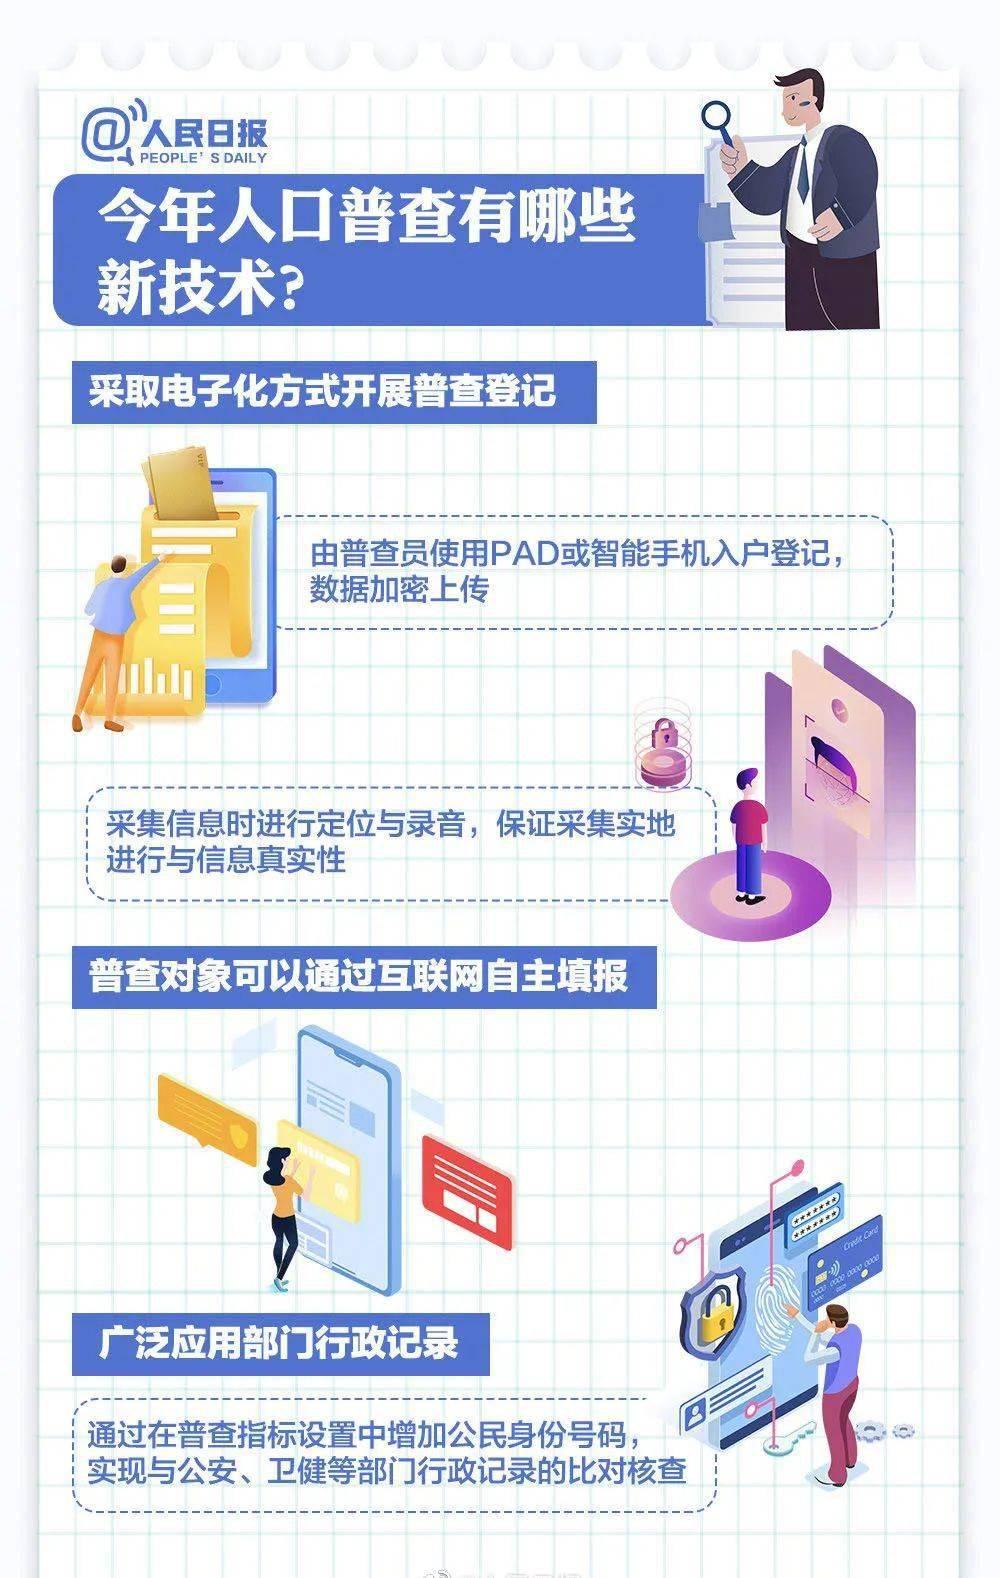 人口普查是哪个部门_中部人口第一大城 易主 了 郑州缘何问鼎